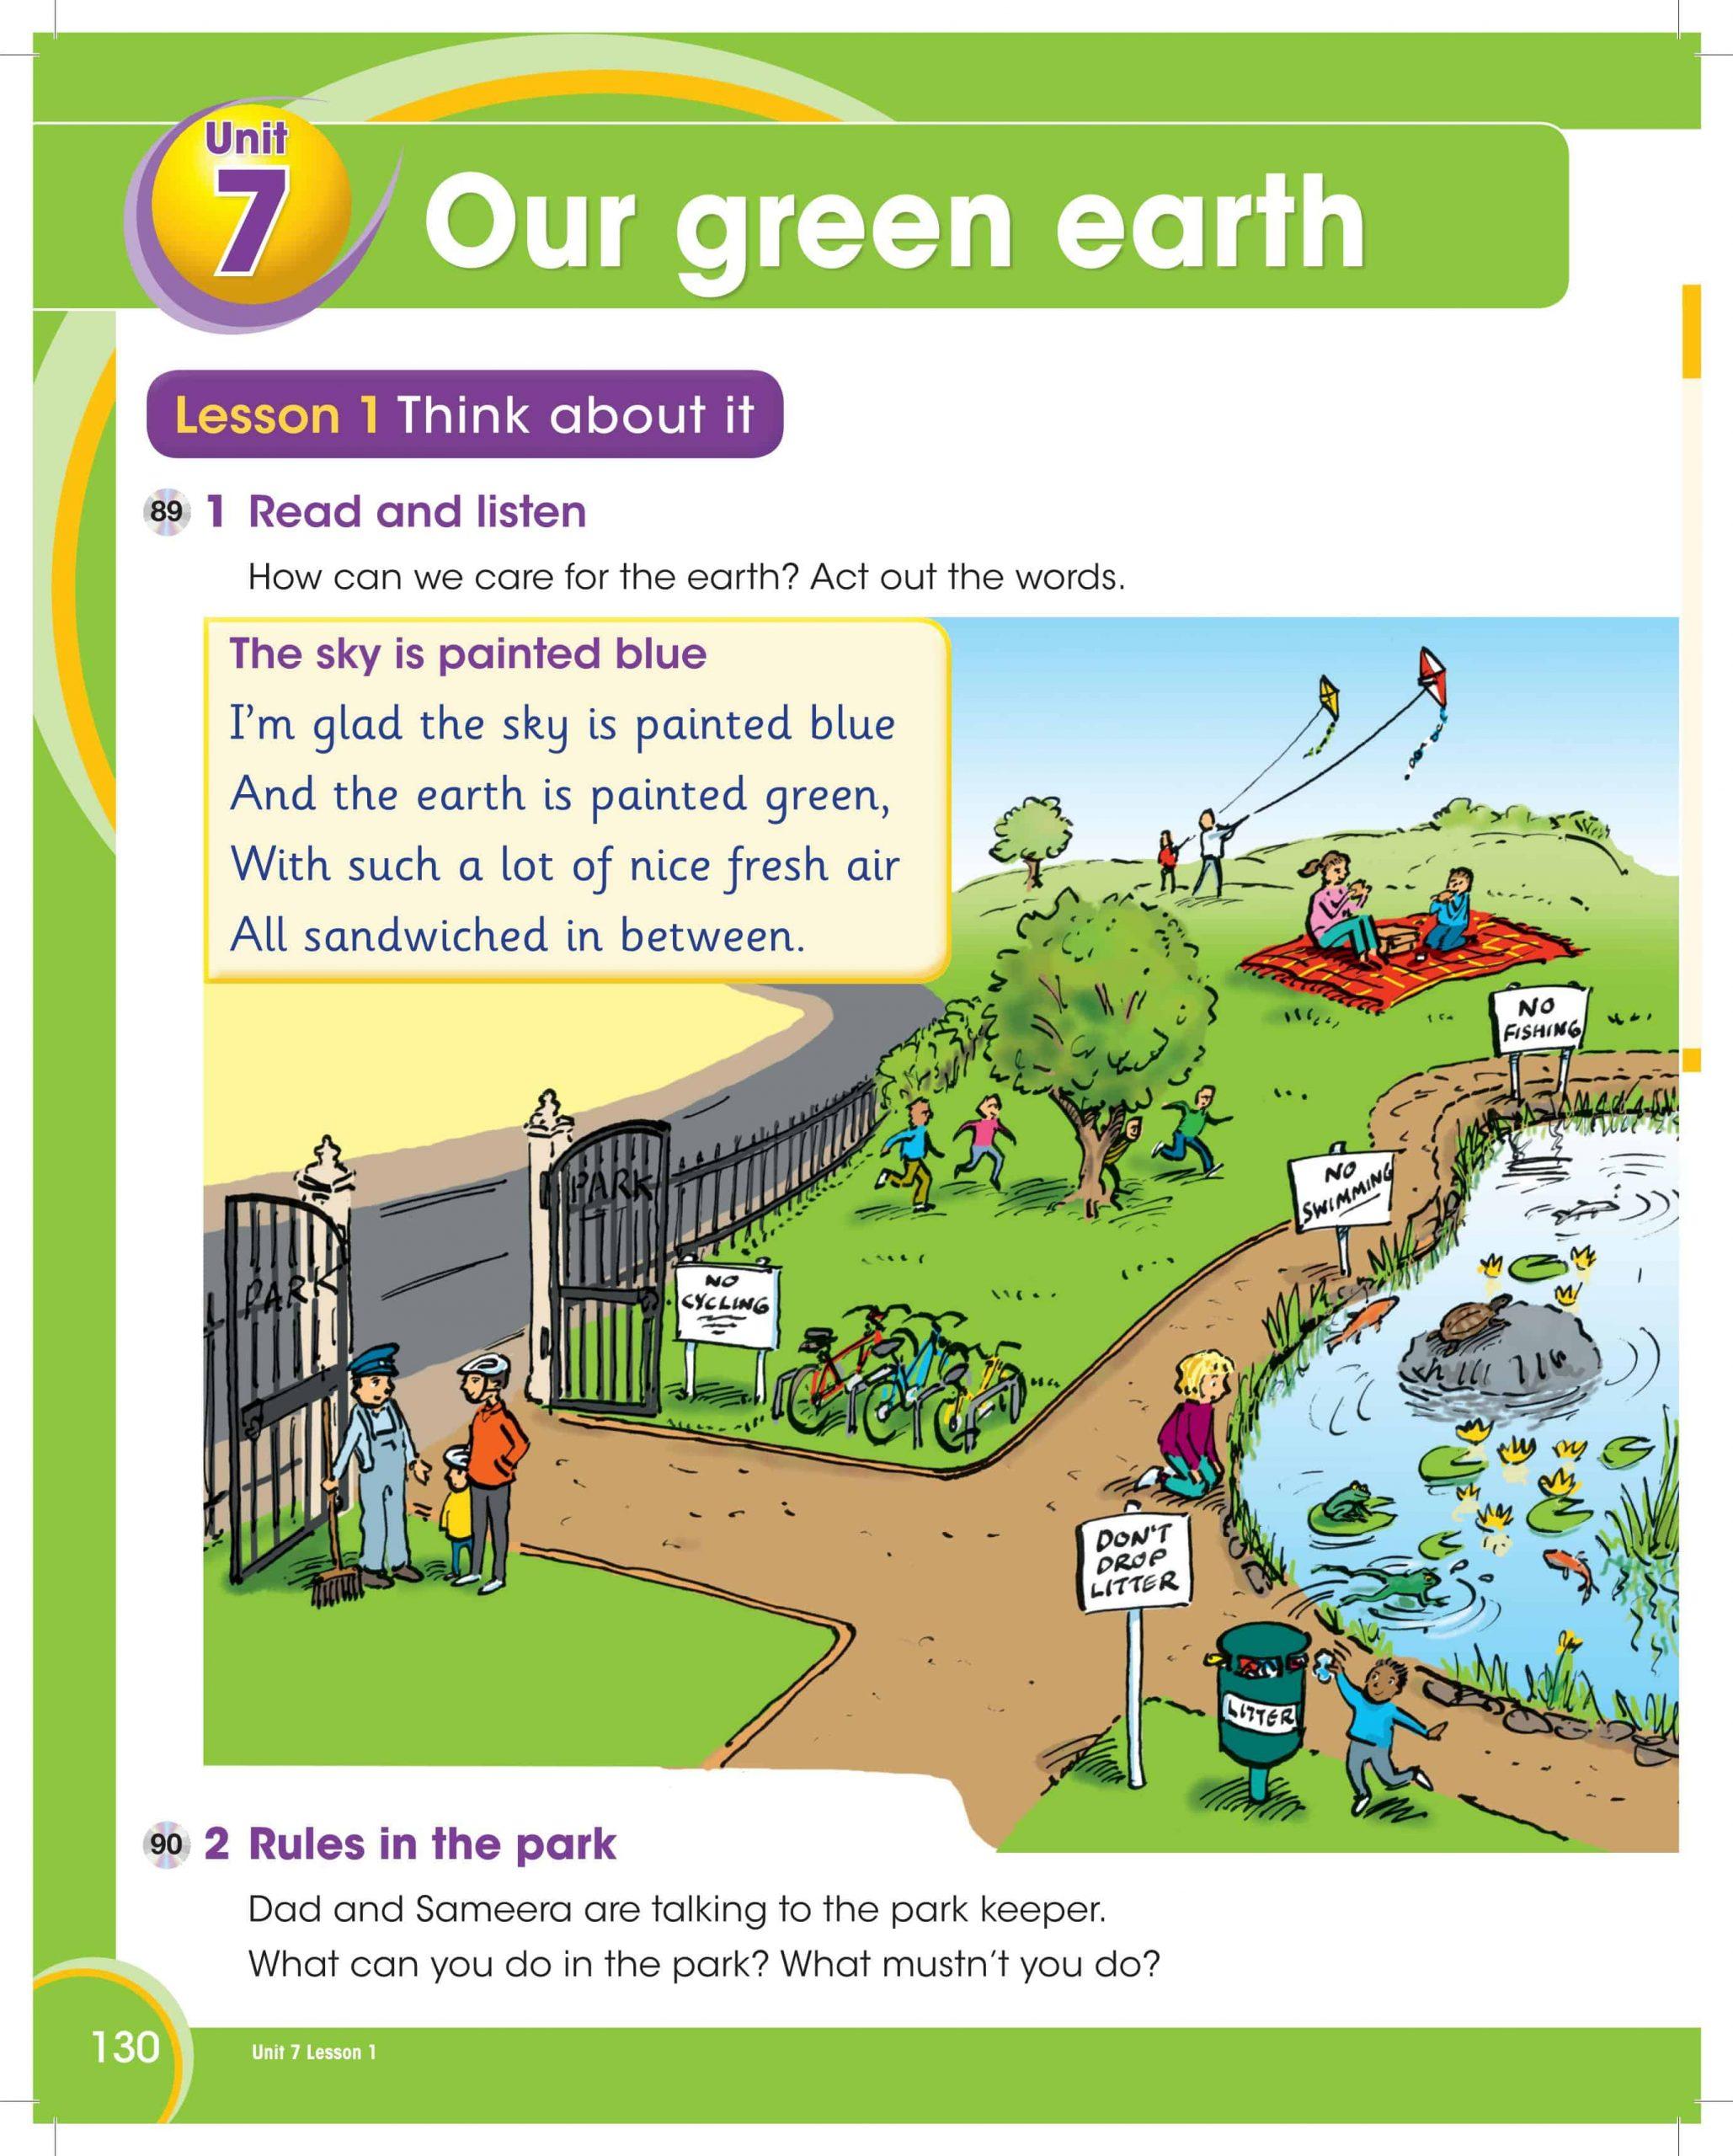 كتاب الطالب وحدة Unit 7 Our green earth الصف الثالث مادة اللغة الانجليزية